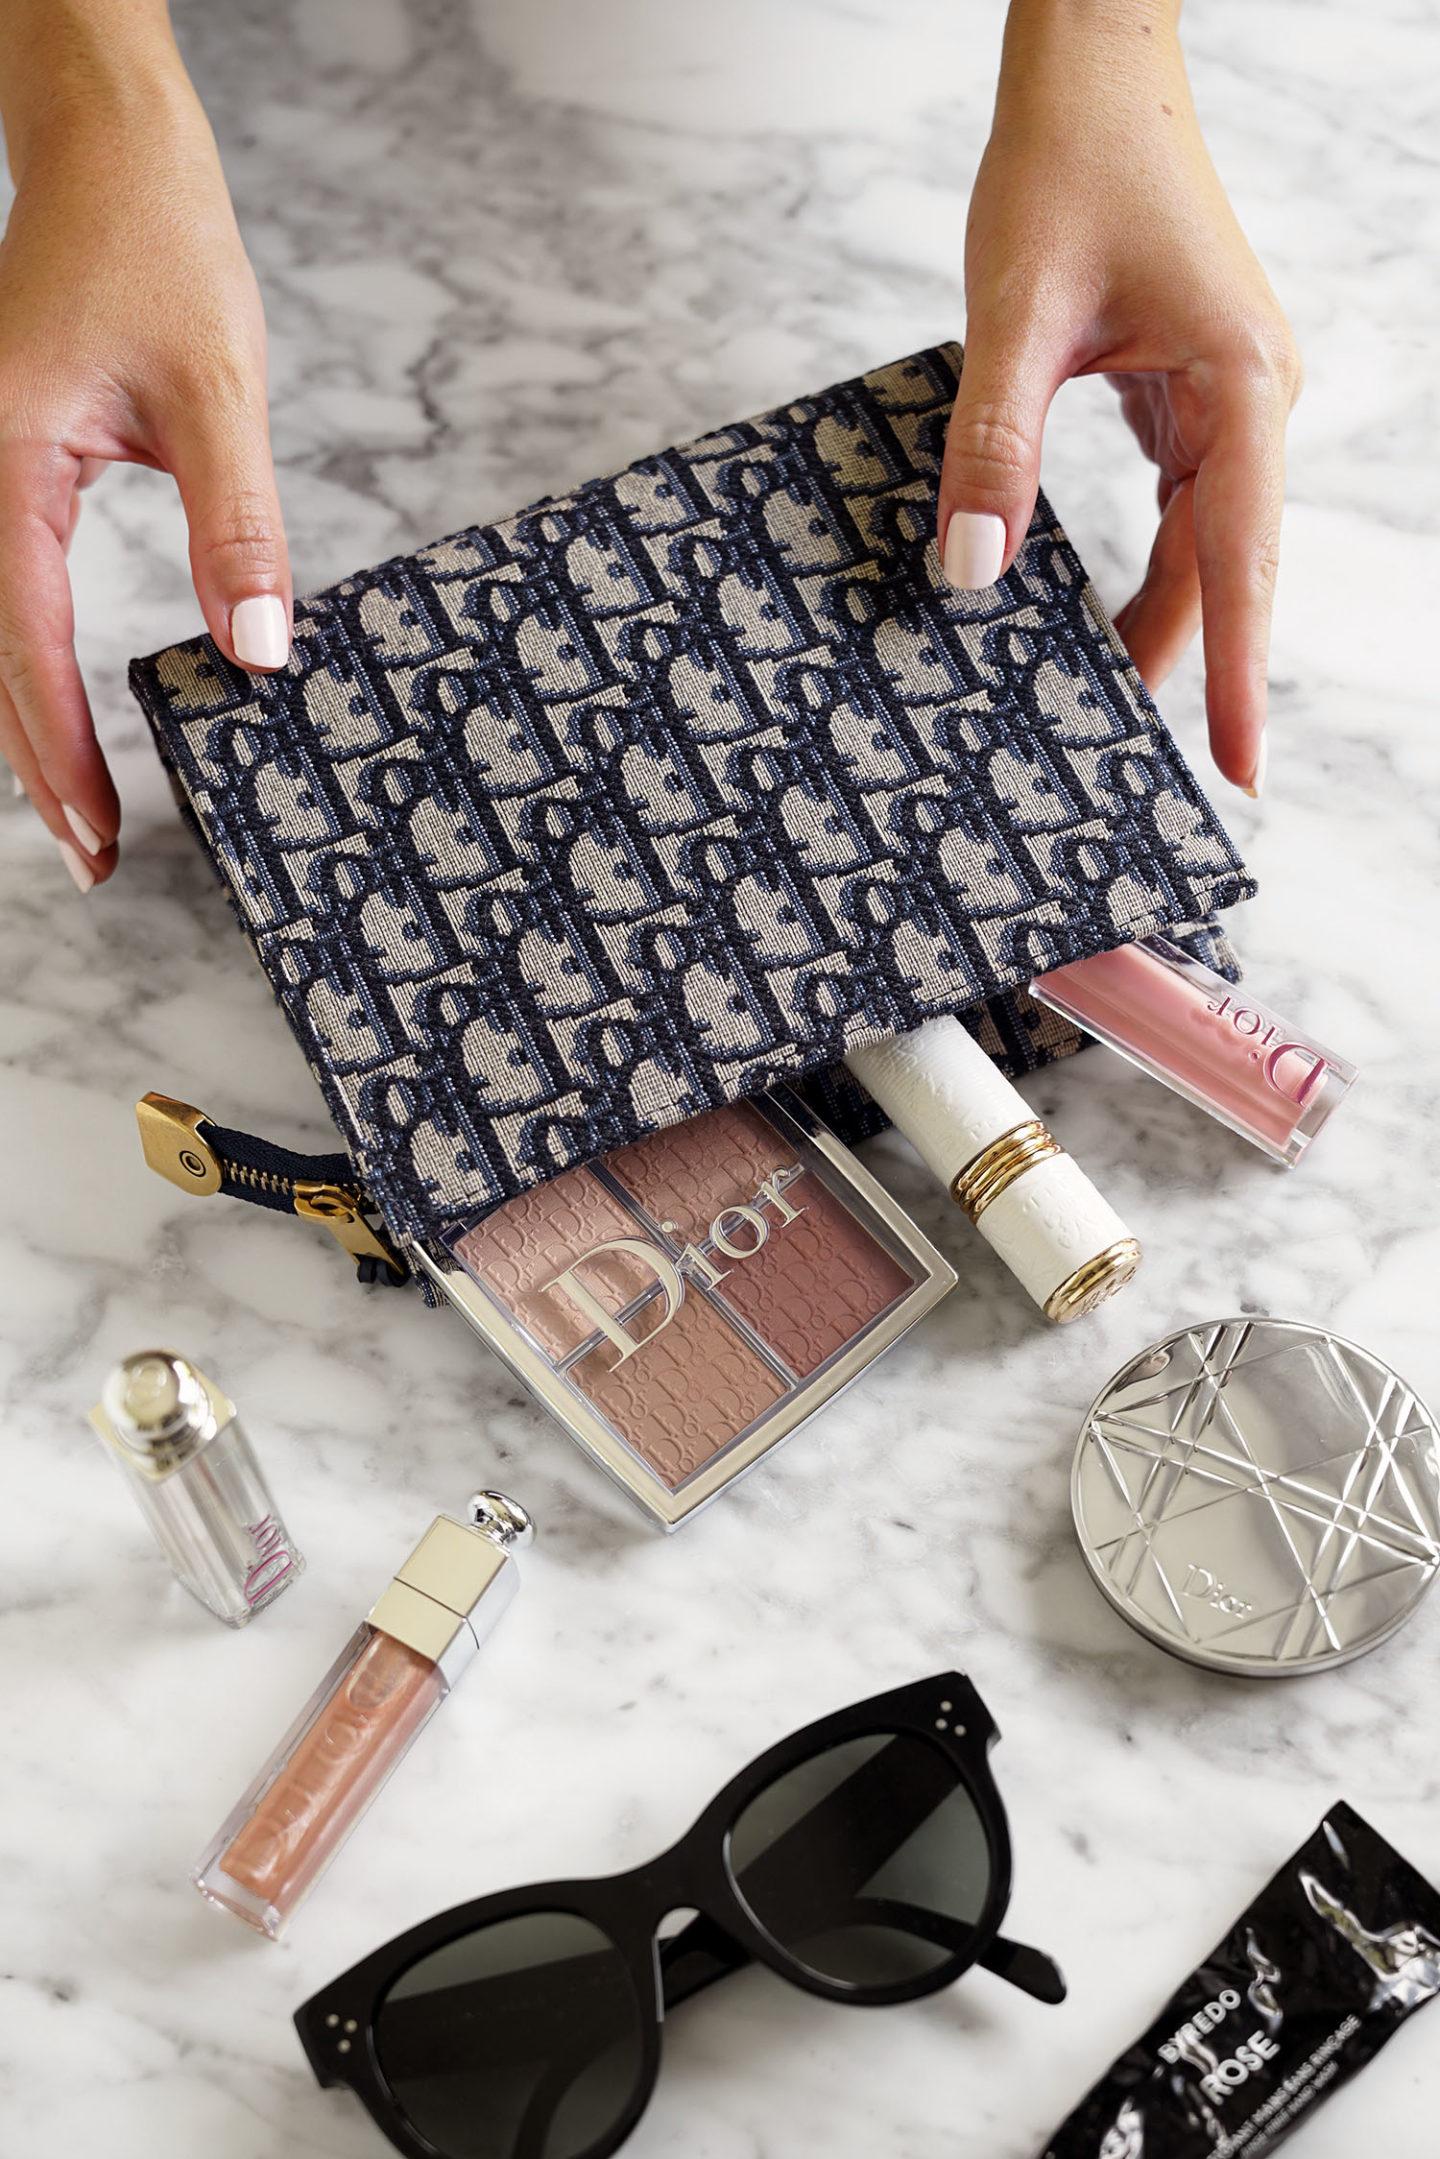 Pochette Dior Oblique |  Le Look Book Beauté